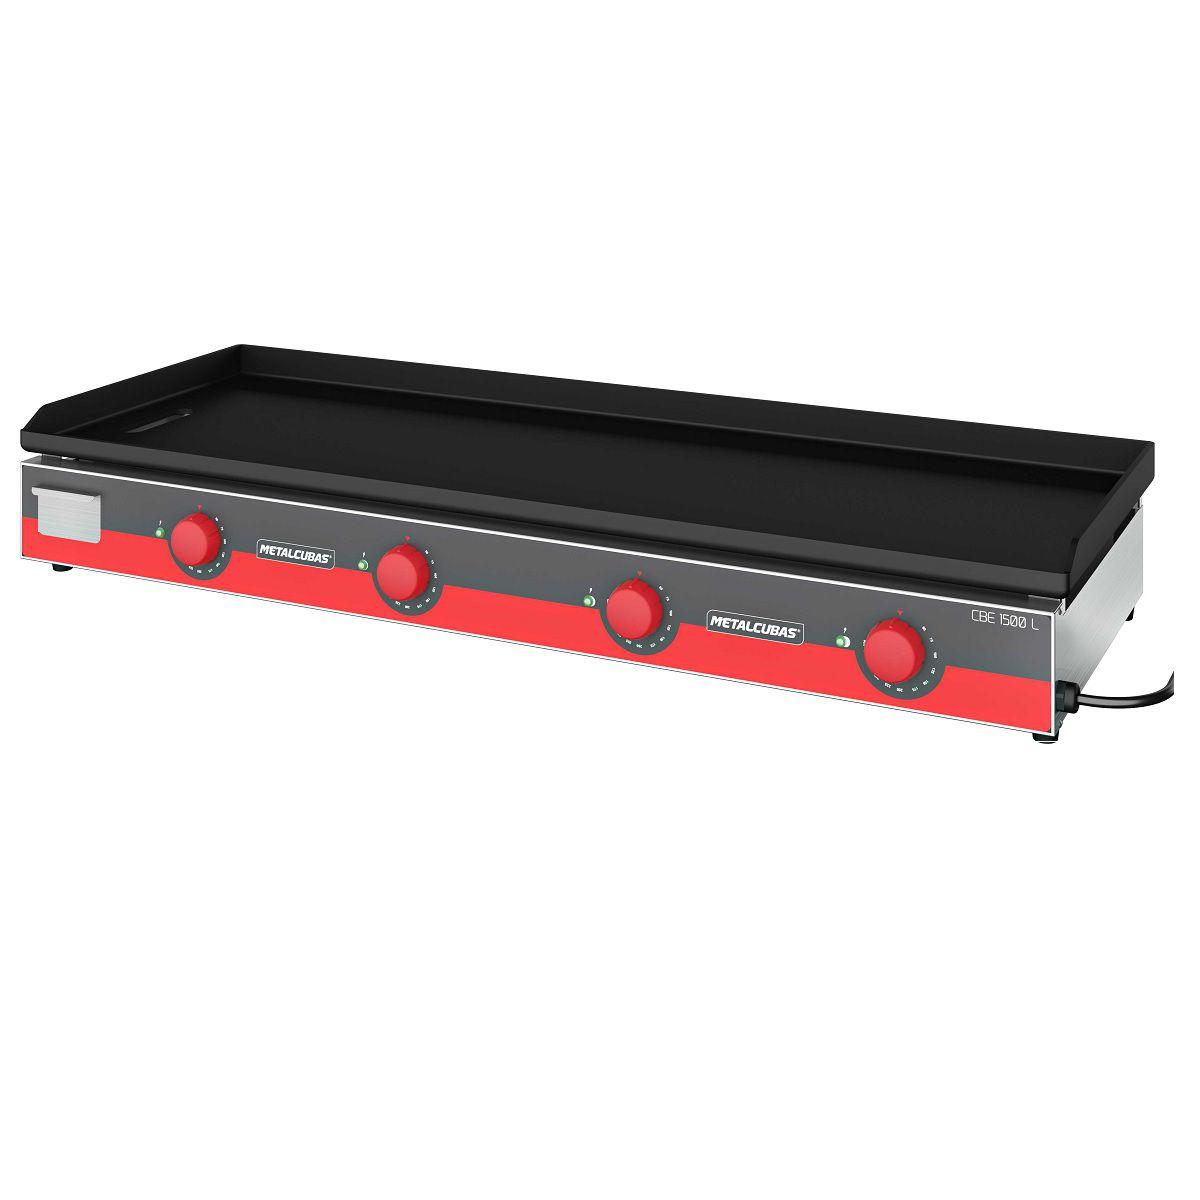 Chapa Bifeteira Elétrica Light 150 X 52,5 Cm CBE 1500L Metalcubas